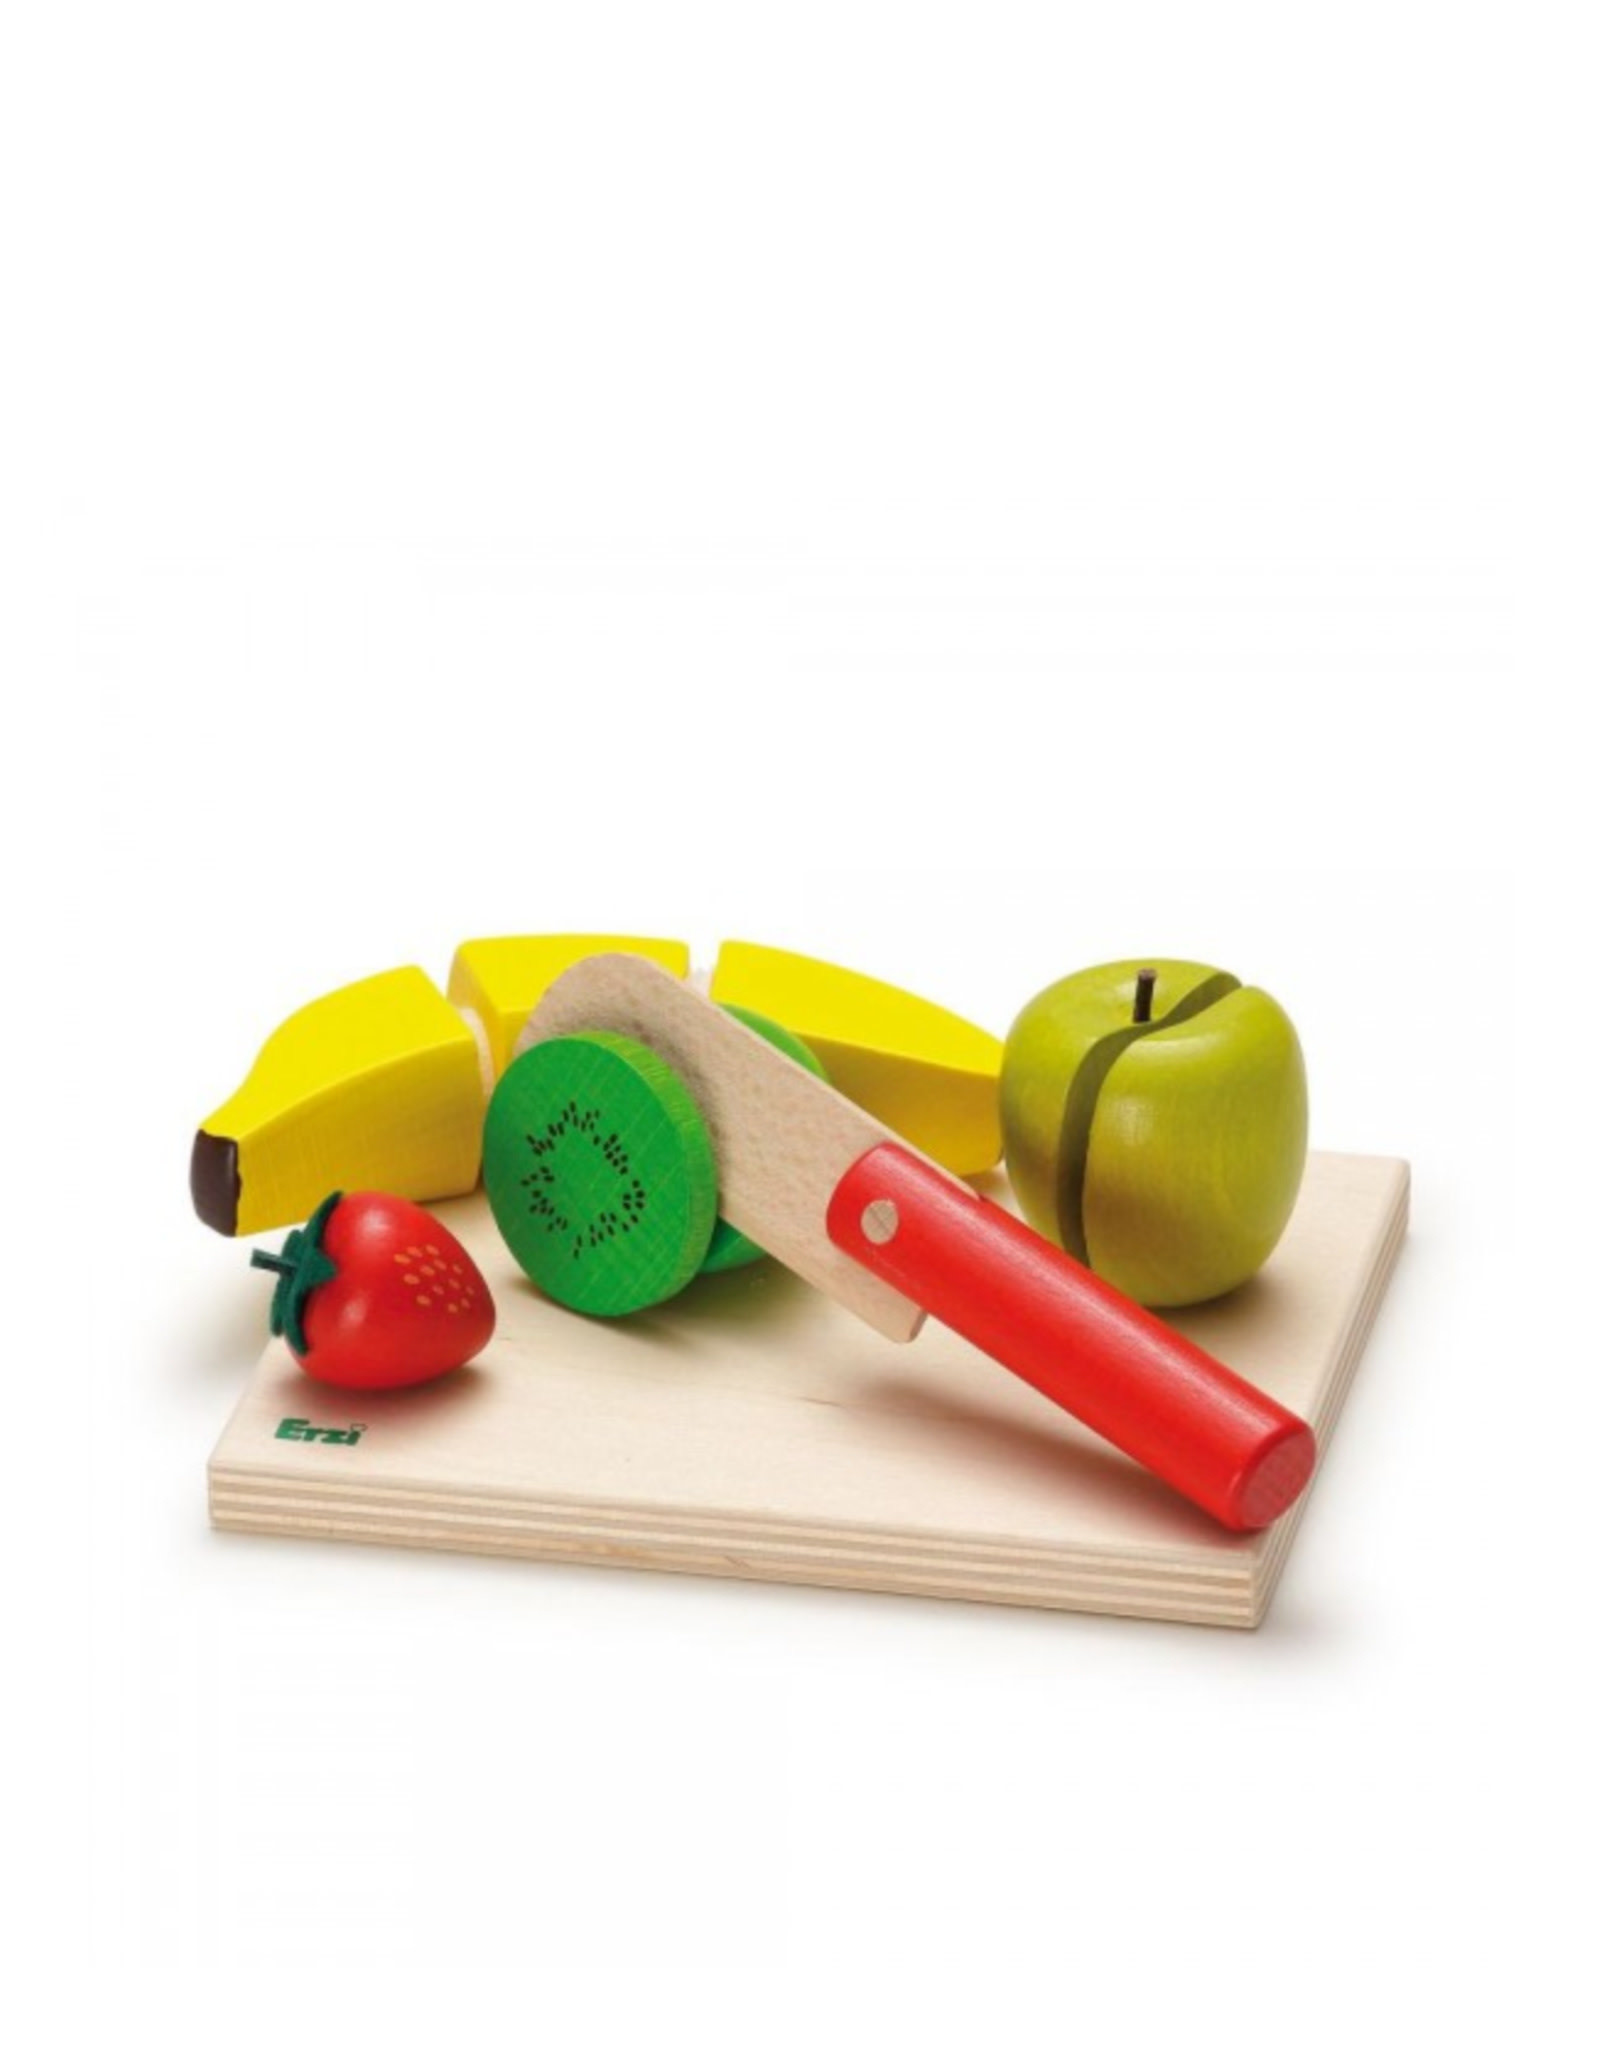 Erzi Erzi Fruit Salad Cutting Set